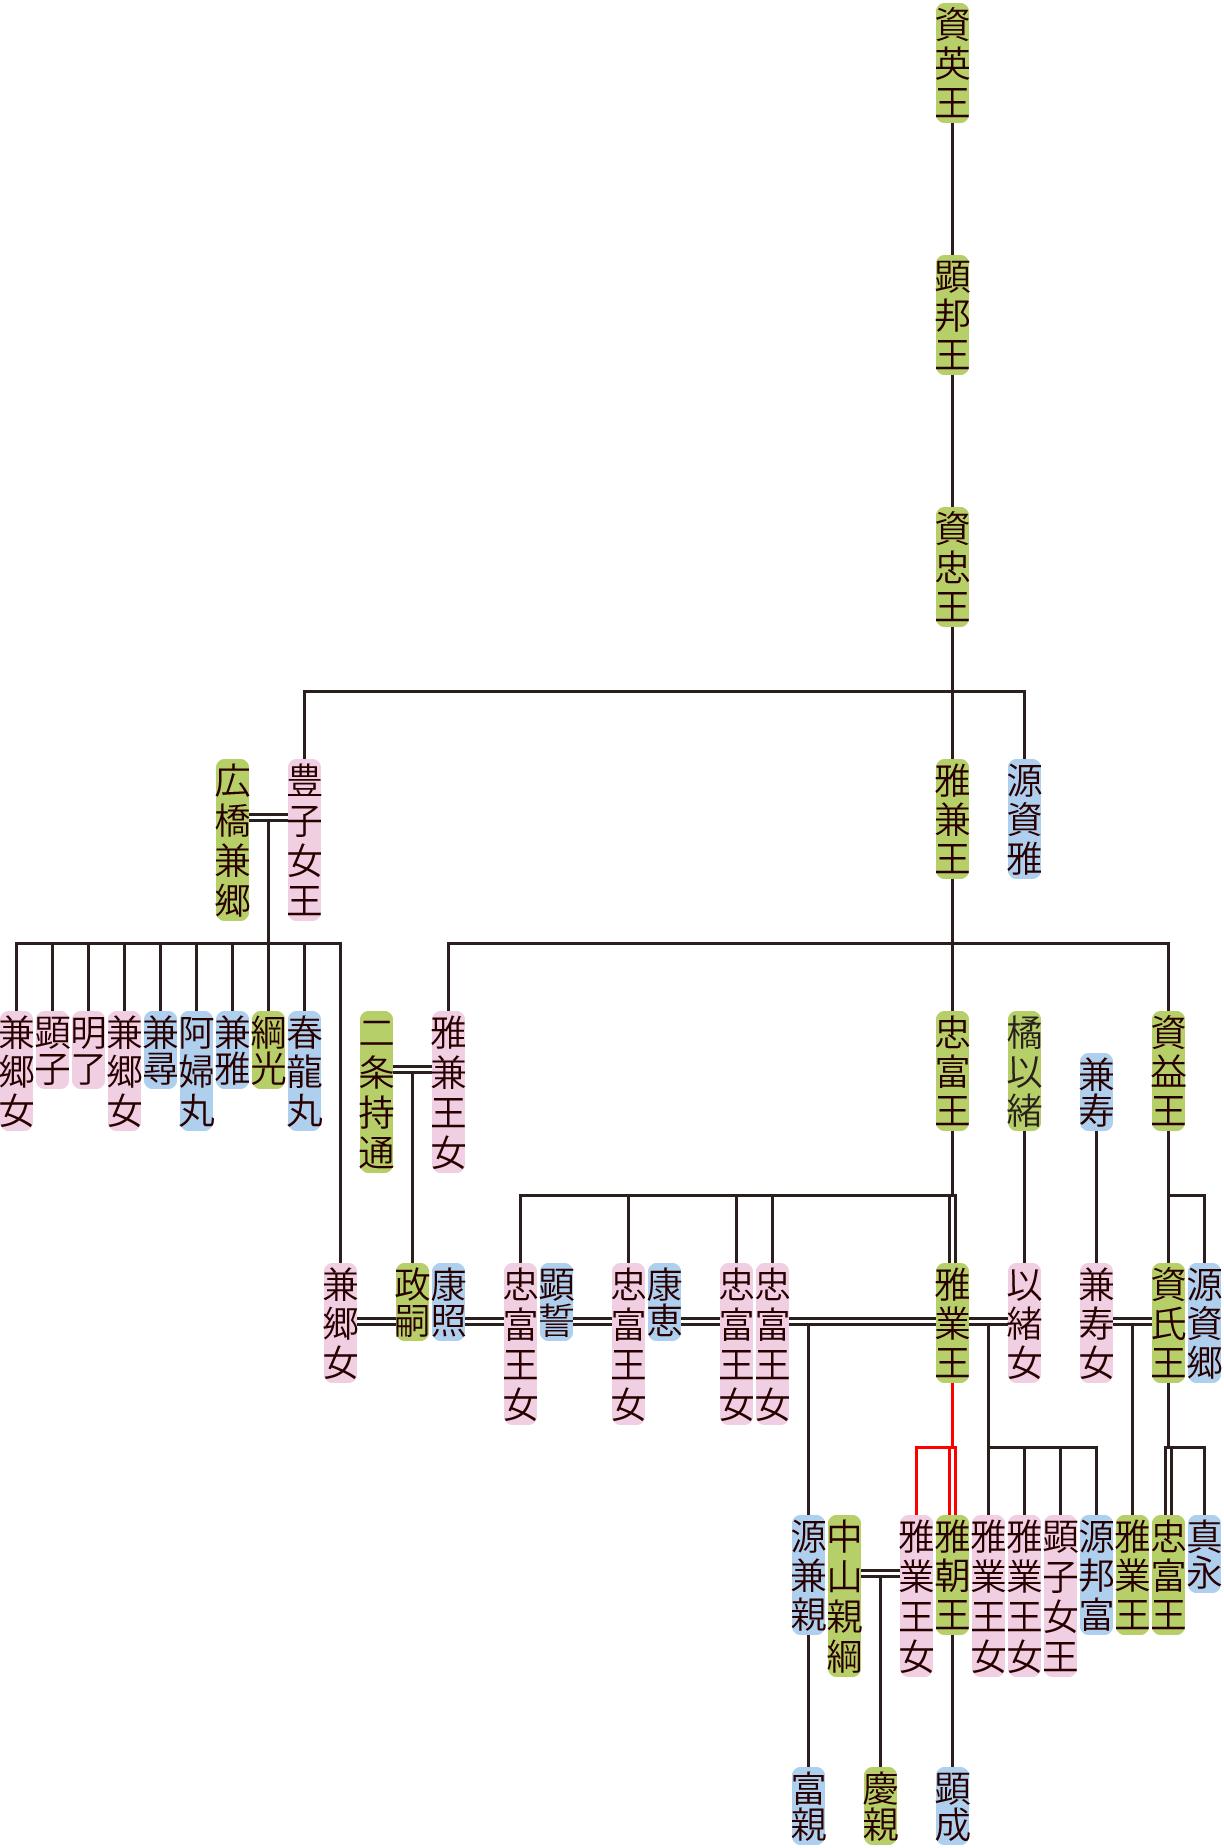 資忠王~雅業王の系図